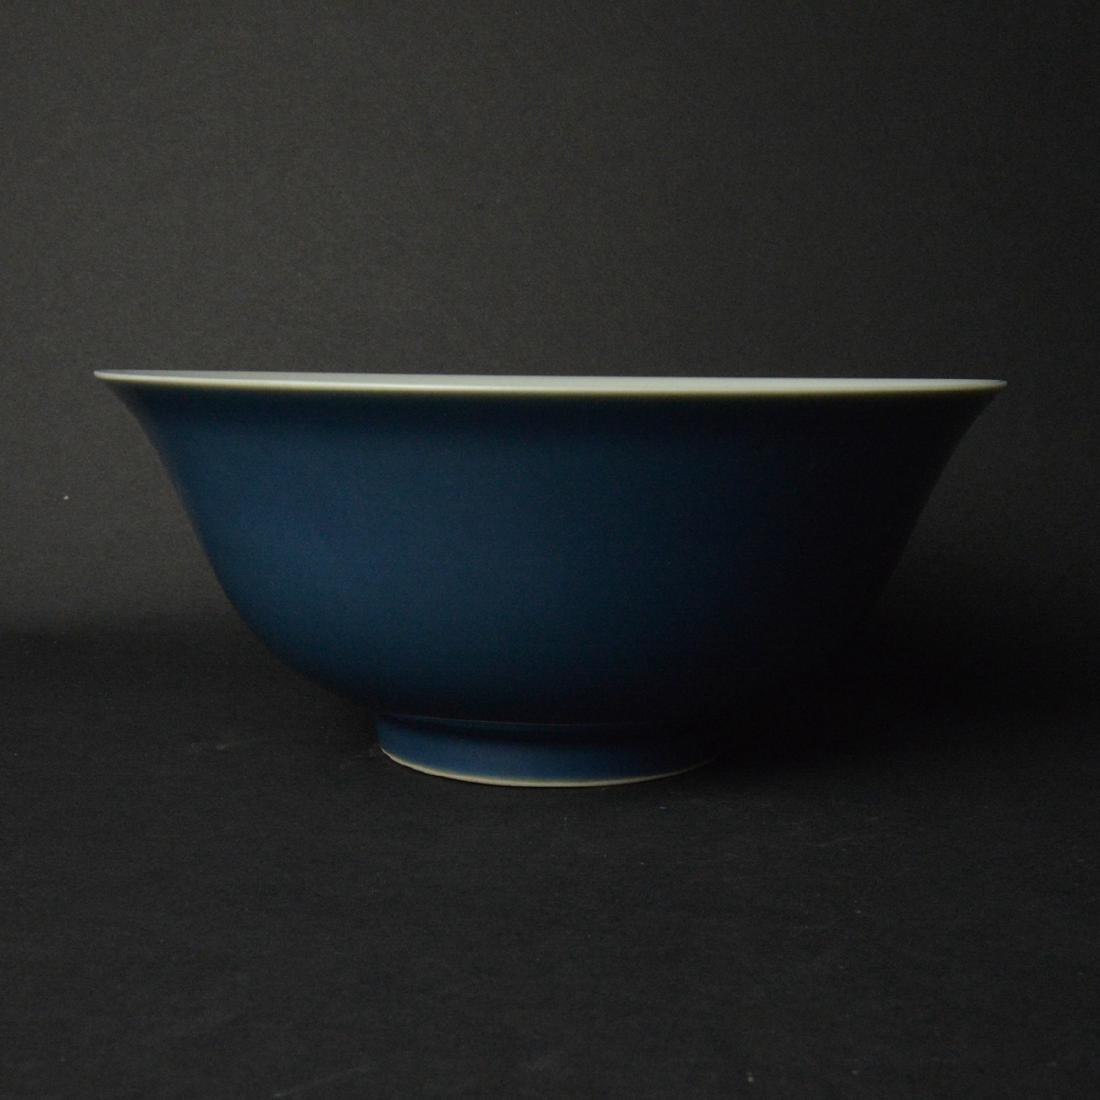 CHINESE BLUE GLAZED PORCELAIN BOWL - 2